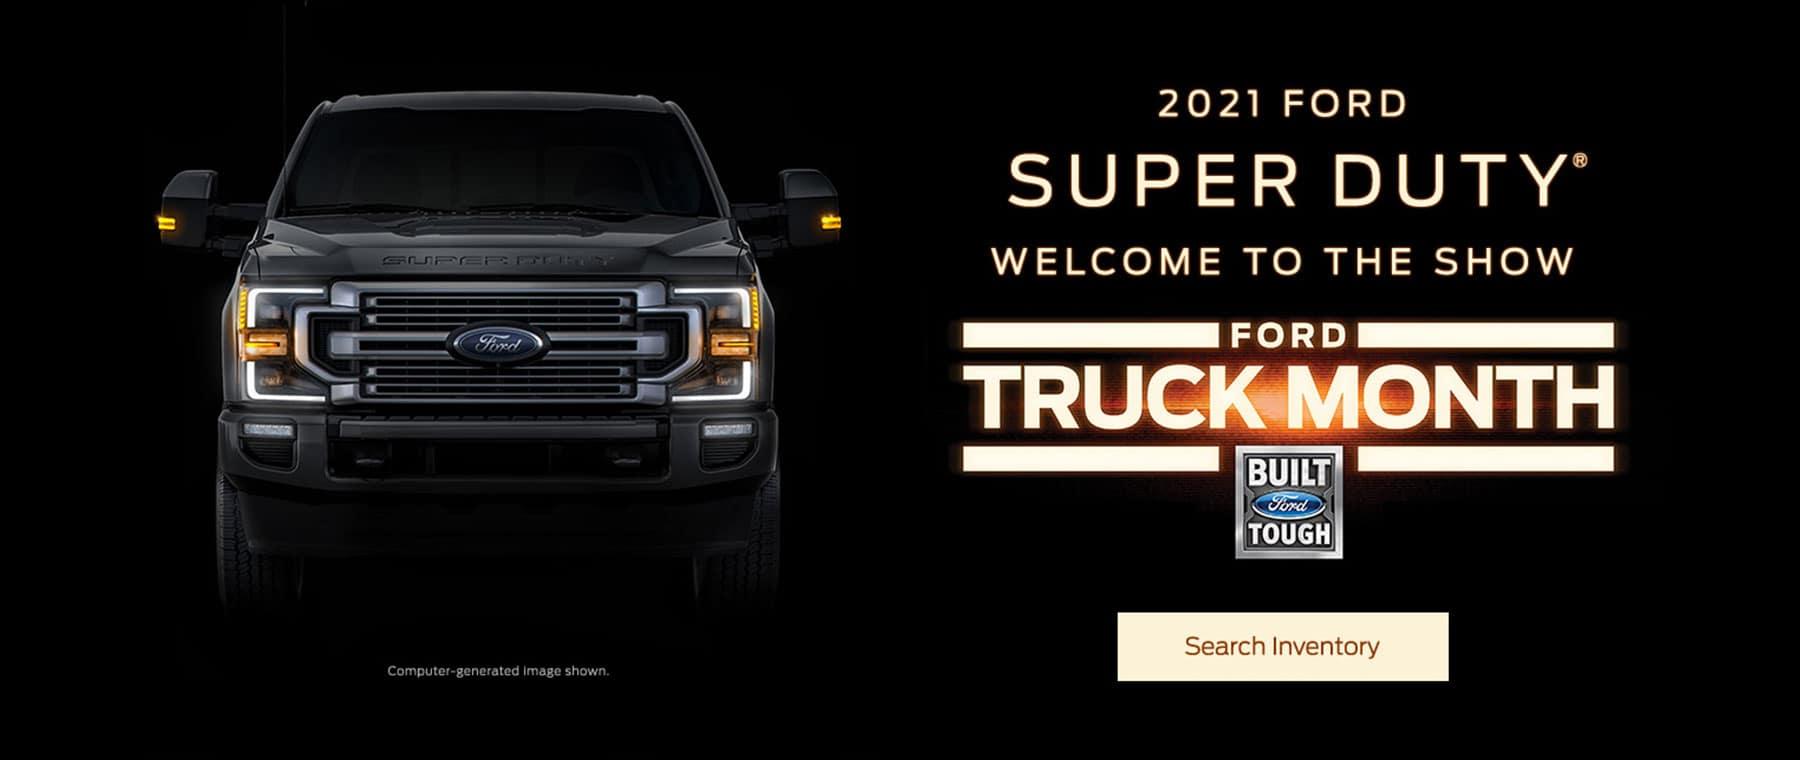 2021_TruckMnth_SuperDuty-1800×760